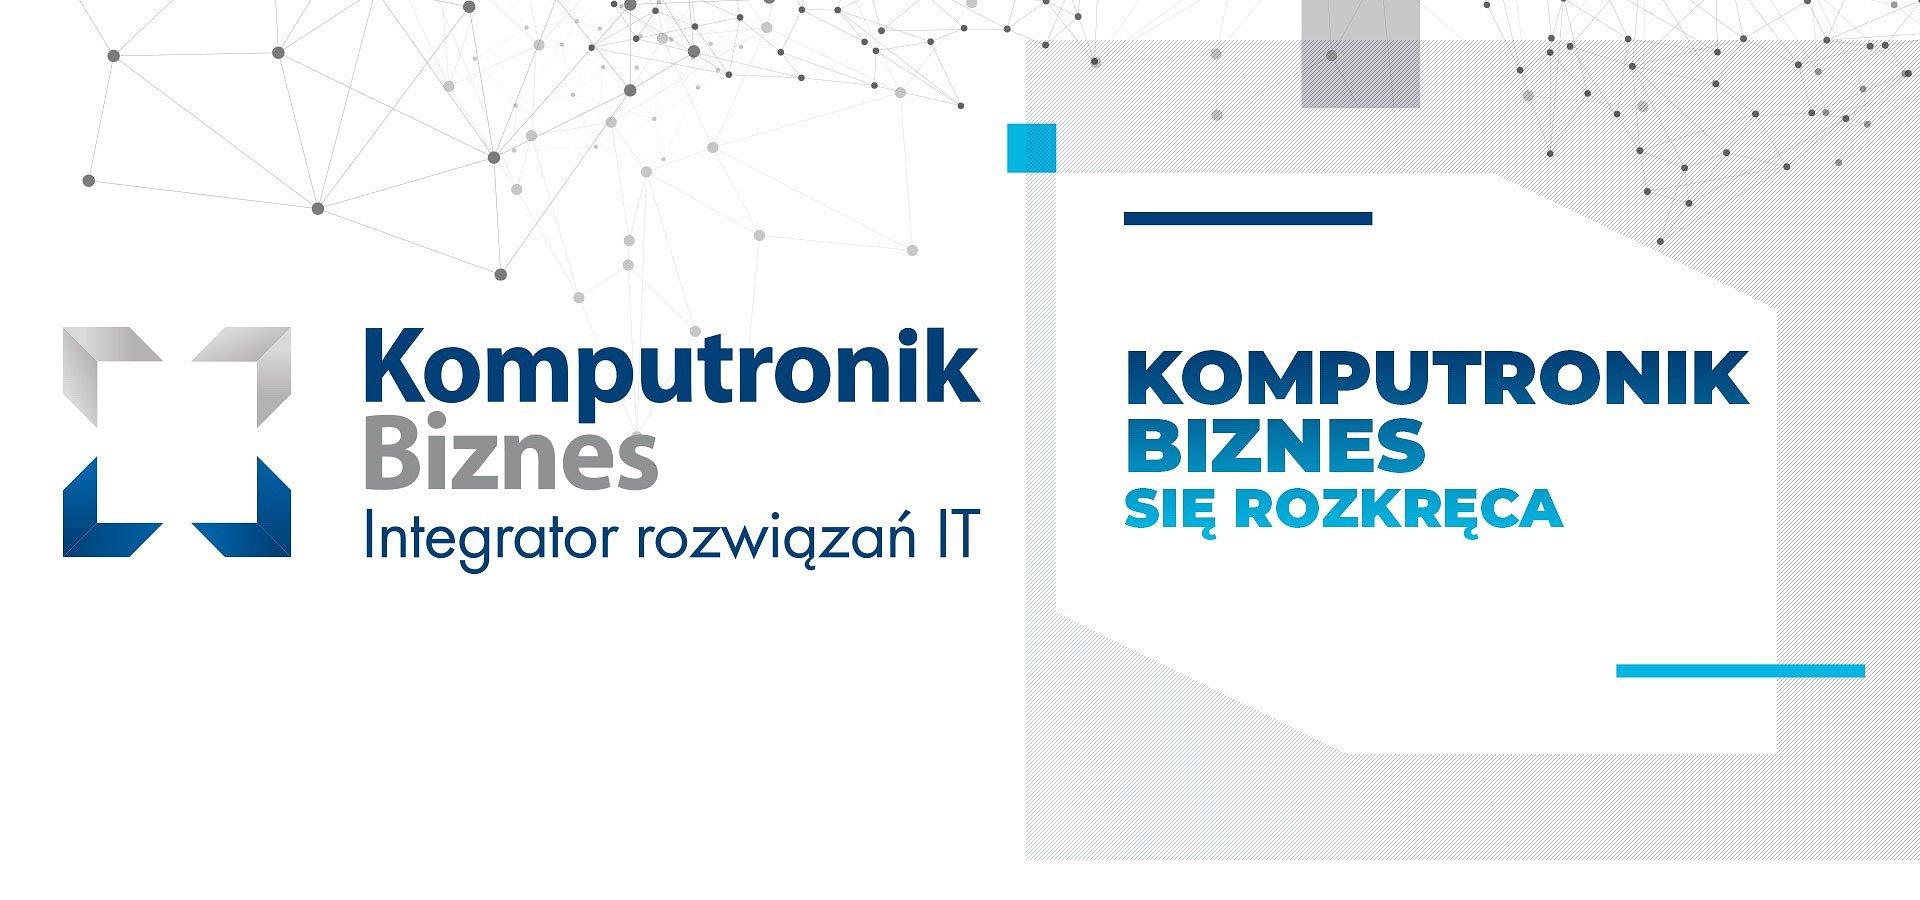 Komputronik Biznes poprawia pozycję na rynku i pozyskuje nowych klientów